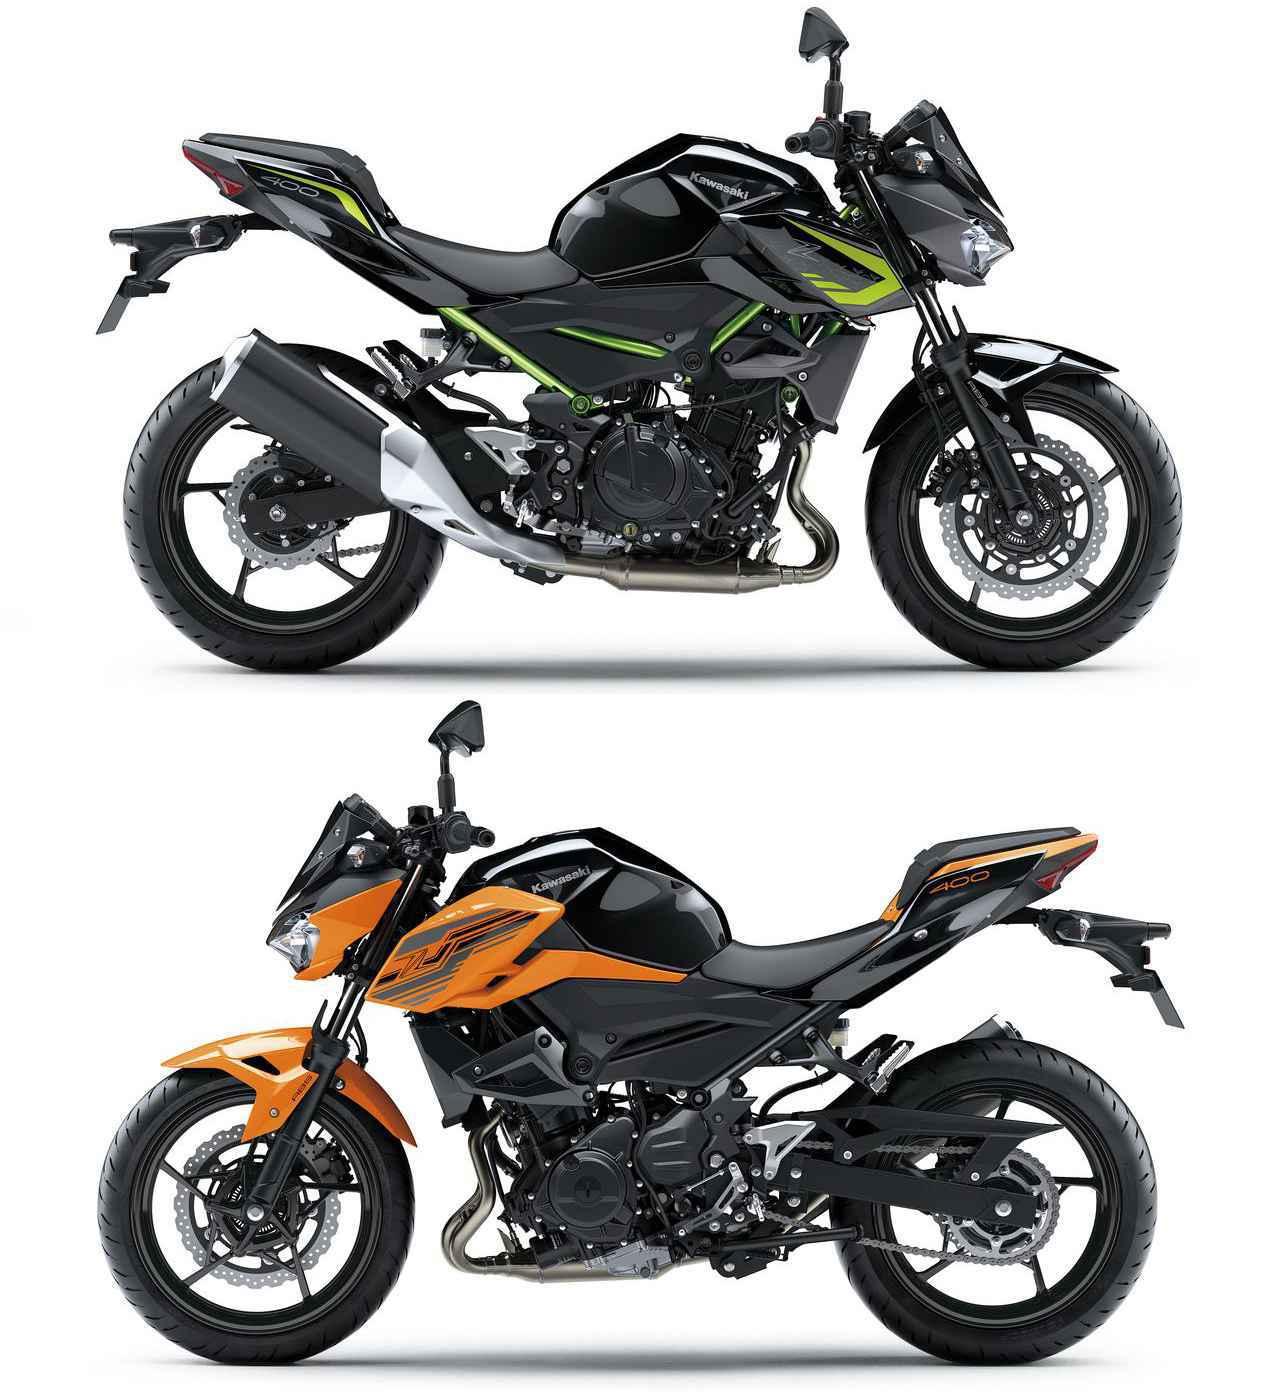 画像: カワサキが「Z400」の2020年モデルを11月1日(金)に発売開始!カラーは2色、あなたはどっち派? - webオートバイ